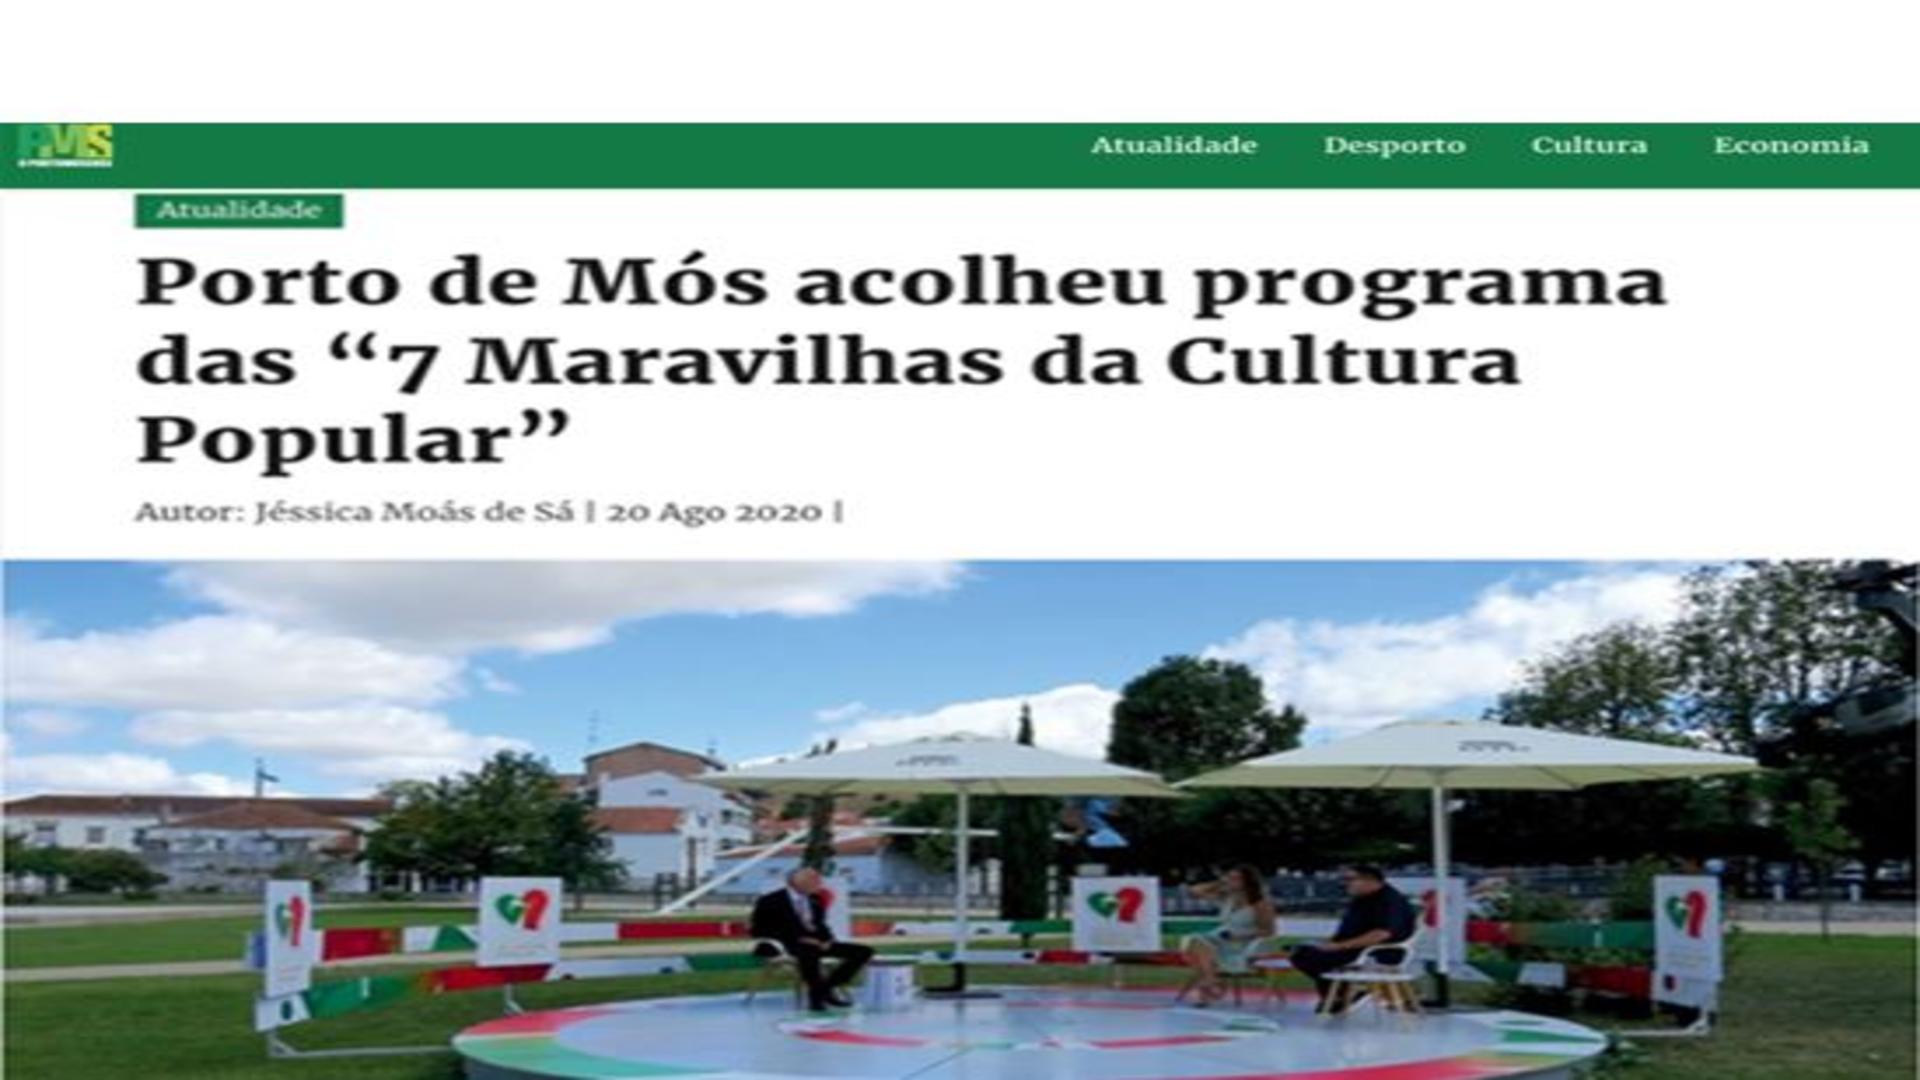 Porto de Mós acolheu o programa das 7 Maravilhas da Cultura Popular®